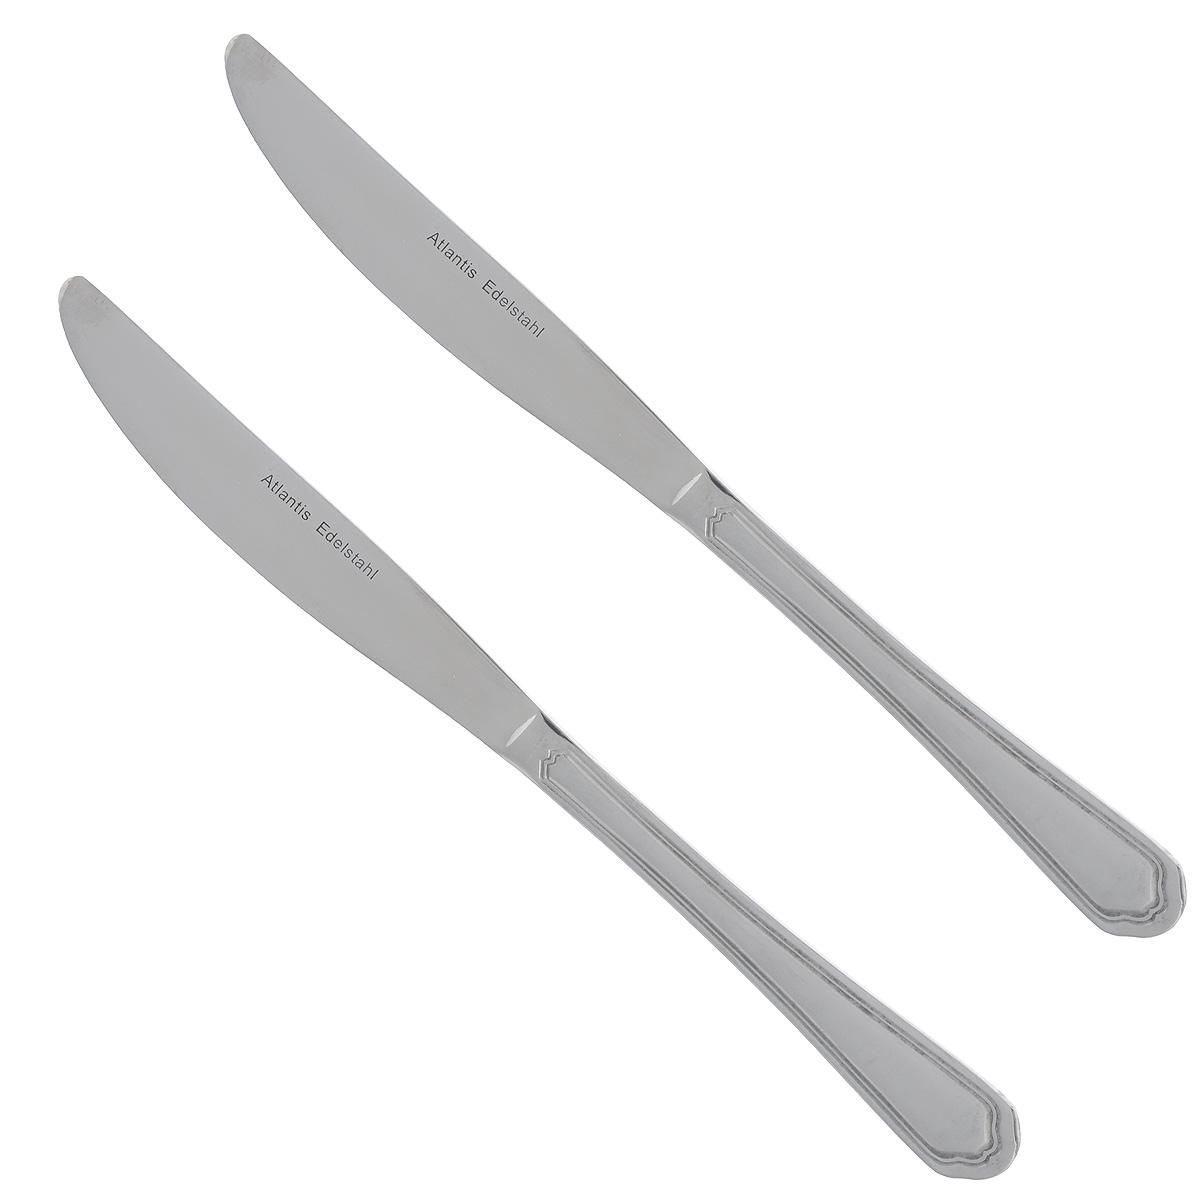 Набор столовых ножей Atlantis Гармония, длина 20 см, 3 шт. 30024M01-TAL0230024M01-TAL02Набор Atlantis Гармония состоит из трех столовых ножей, выполненных из нержавеющей стали с матовой полировкой. Строгий, лаконичный, но изысканный дизайн набора сделает его украшением обеденного стола. Набор прекрасно подойдет и для торжественных случаев. Длина ножа: 23,5 см. Длина лезвия: 12 см.